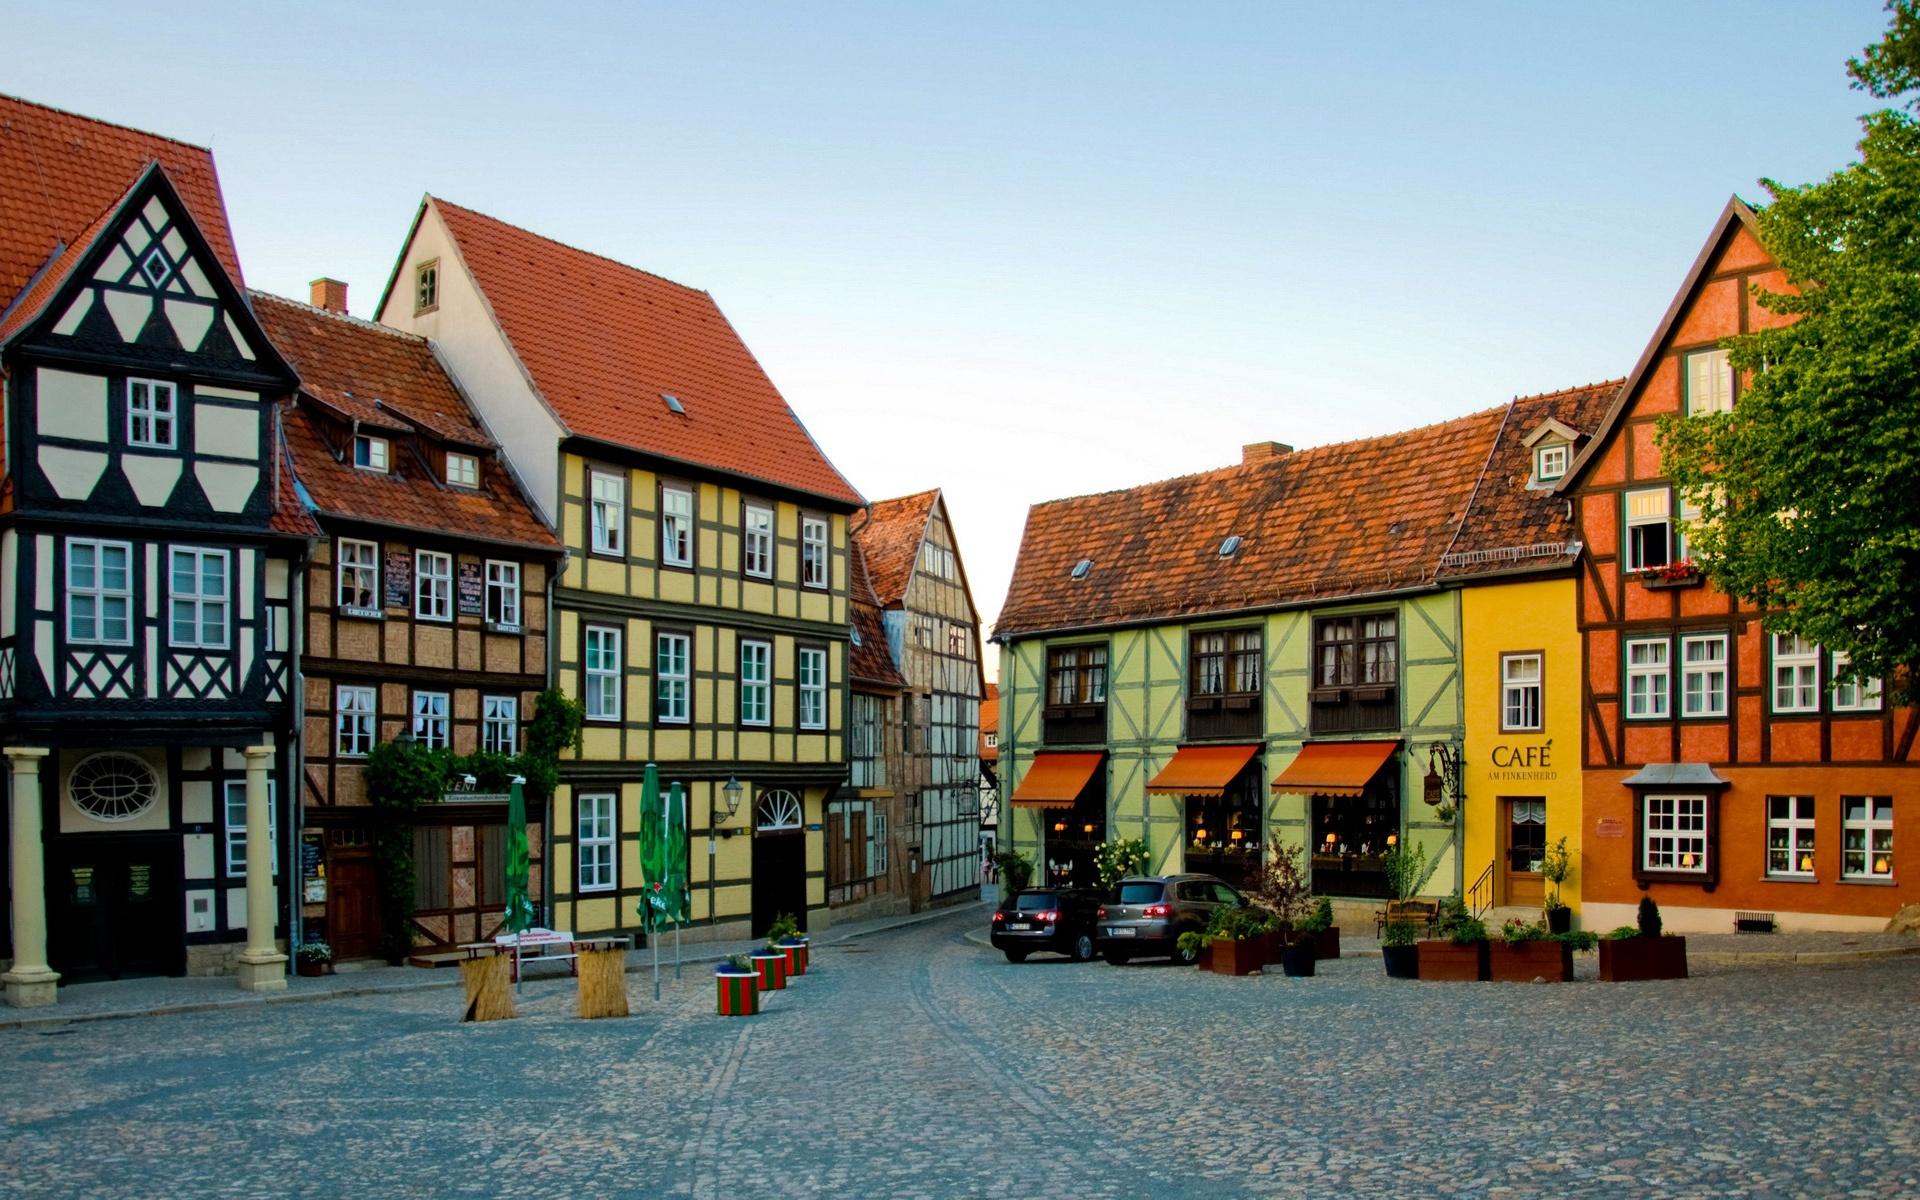 壁紙 ドイツの町の家 1920x1200 Hd 無料のデスクトップの背景 画像